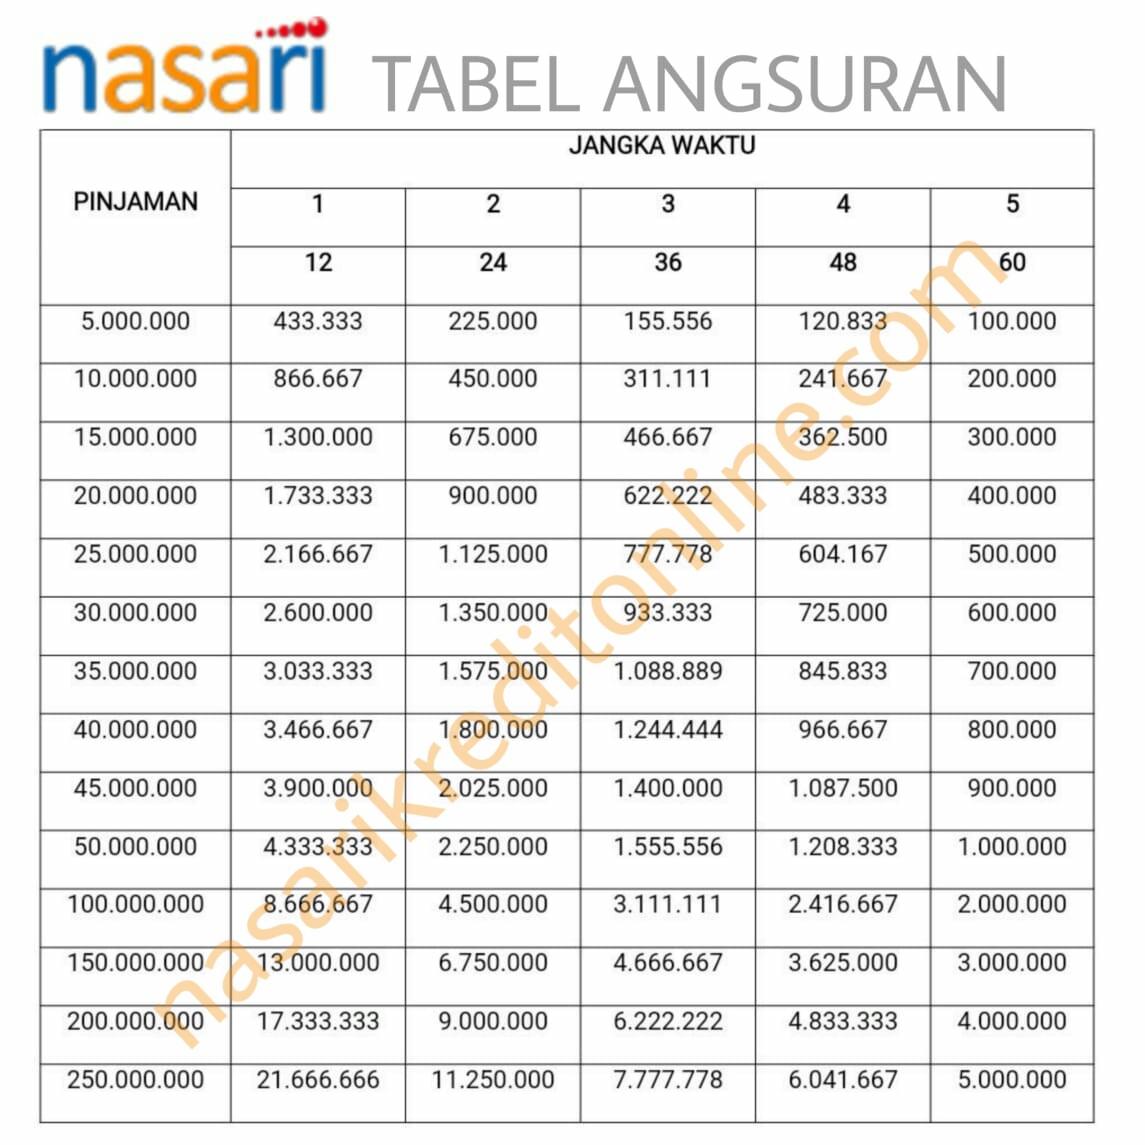 Ksp Nasari Pinjaman Online Tabel Angsuran